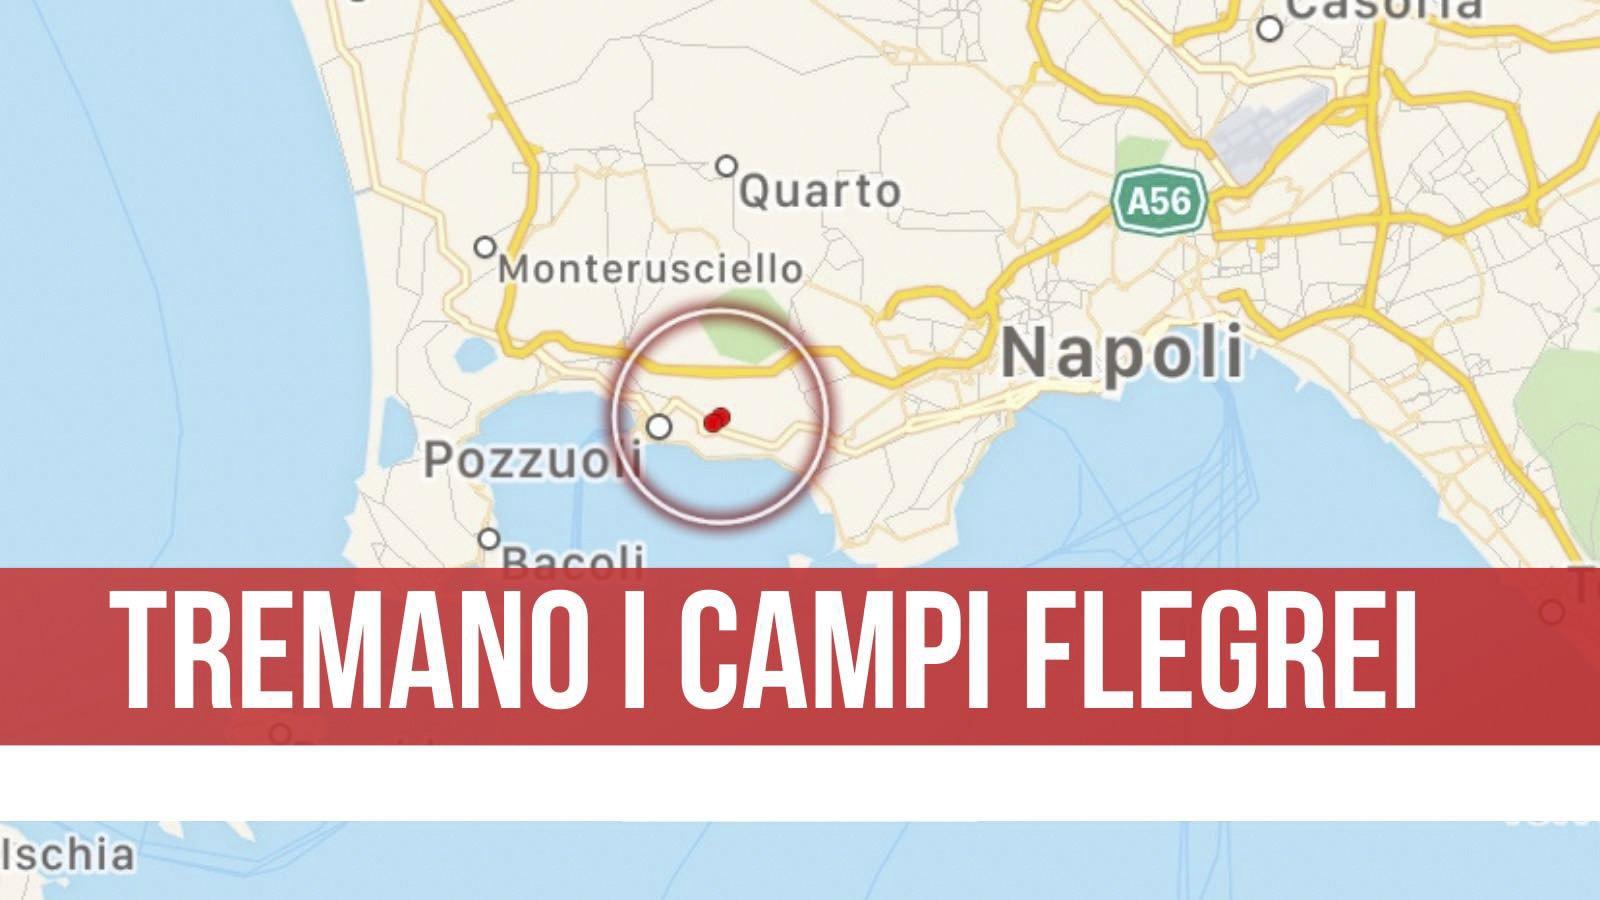 Terremoto: Napoli, scossa di magnitudo 2.0 nei Campi Flegrei